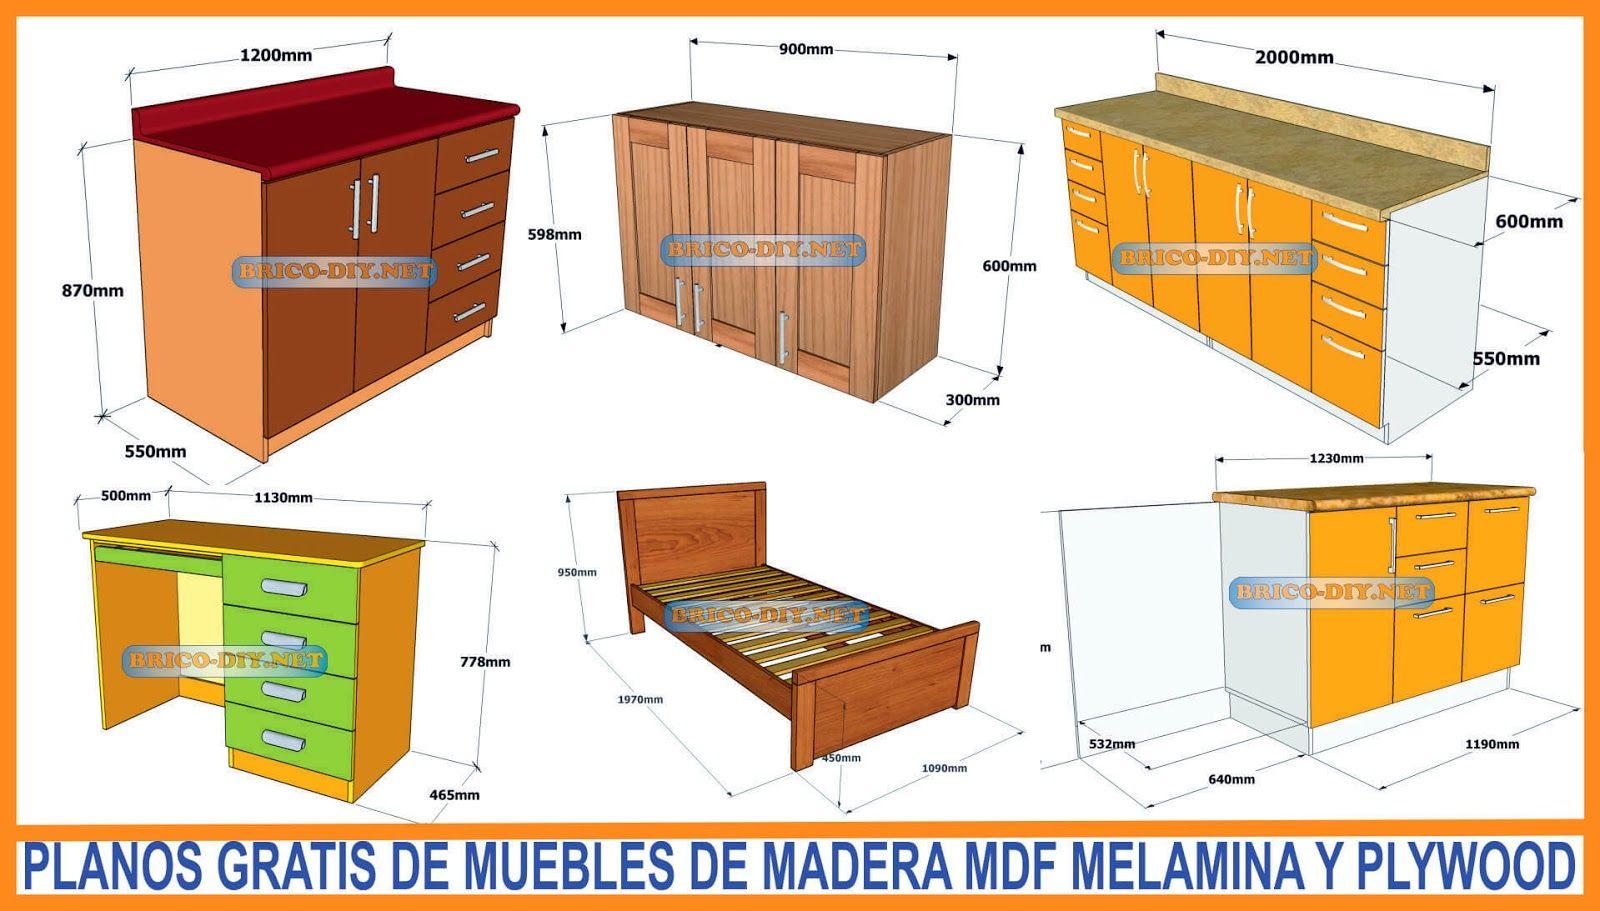 Planos Gratis De Muebles De Madera Melamina Y Mdf Hola